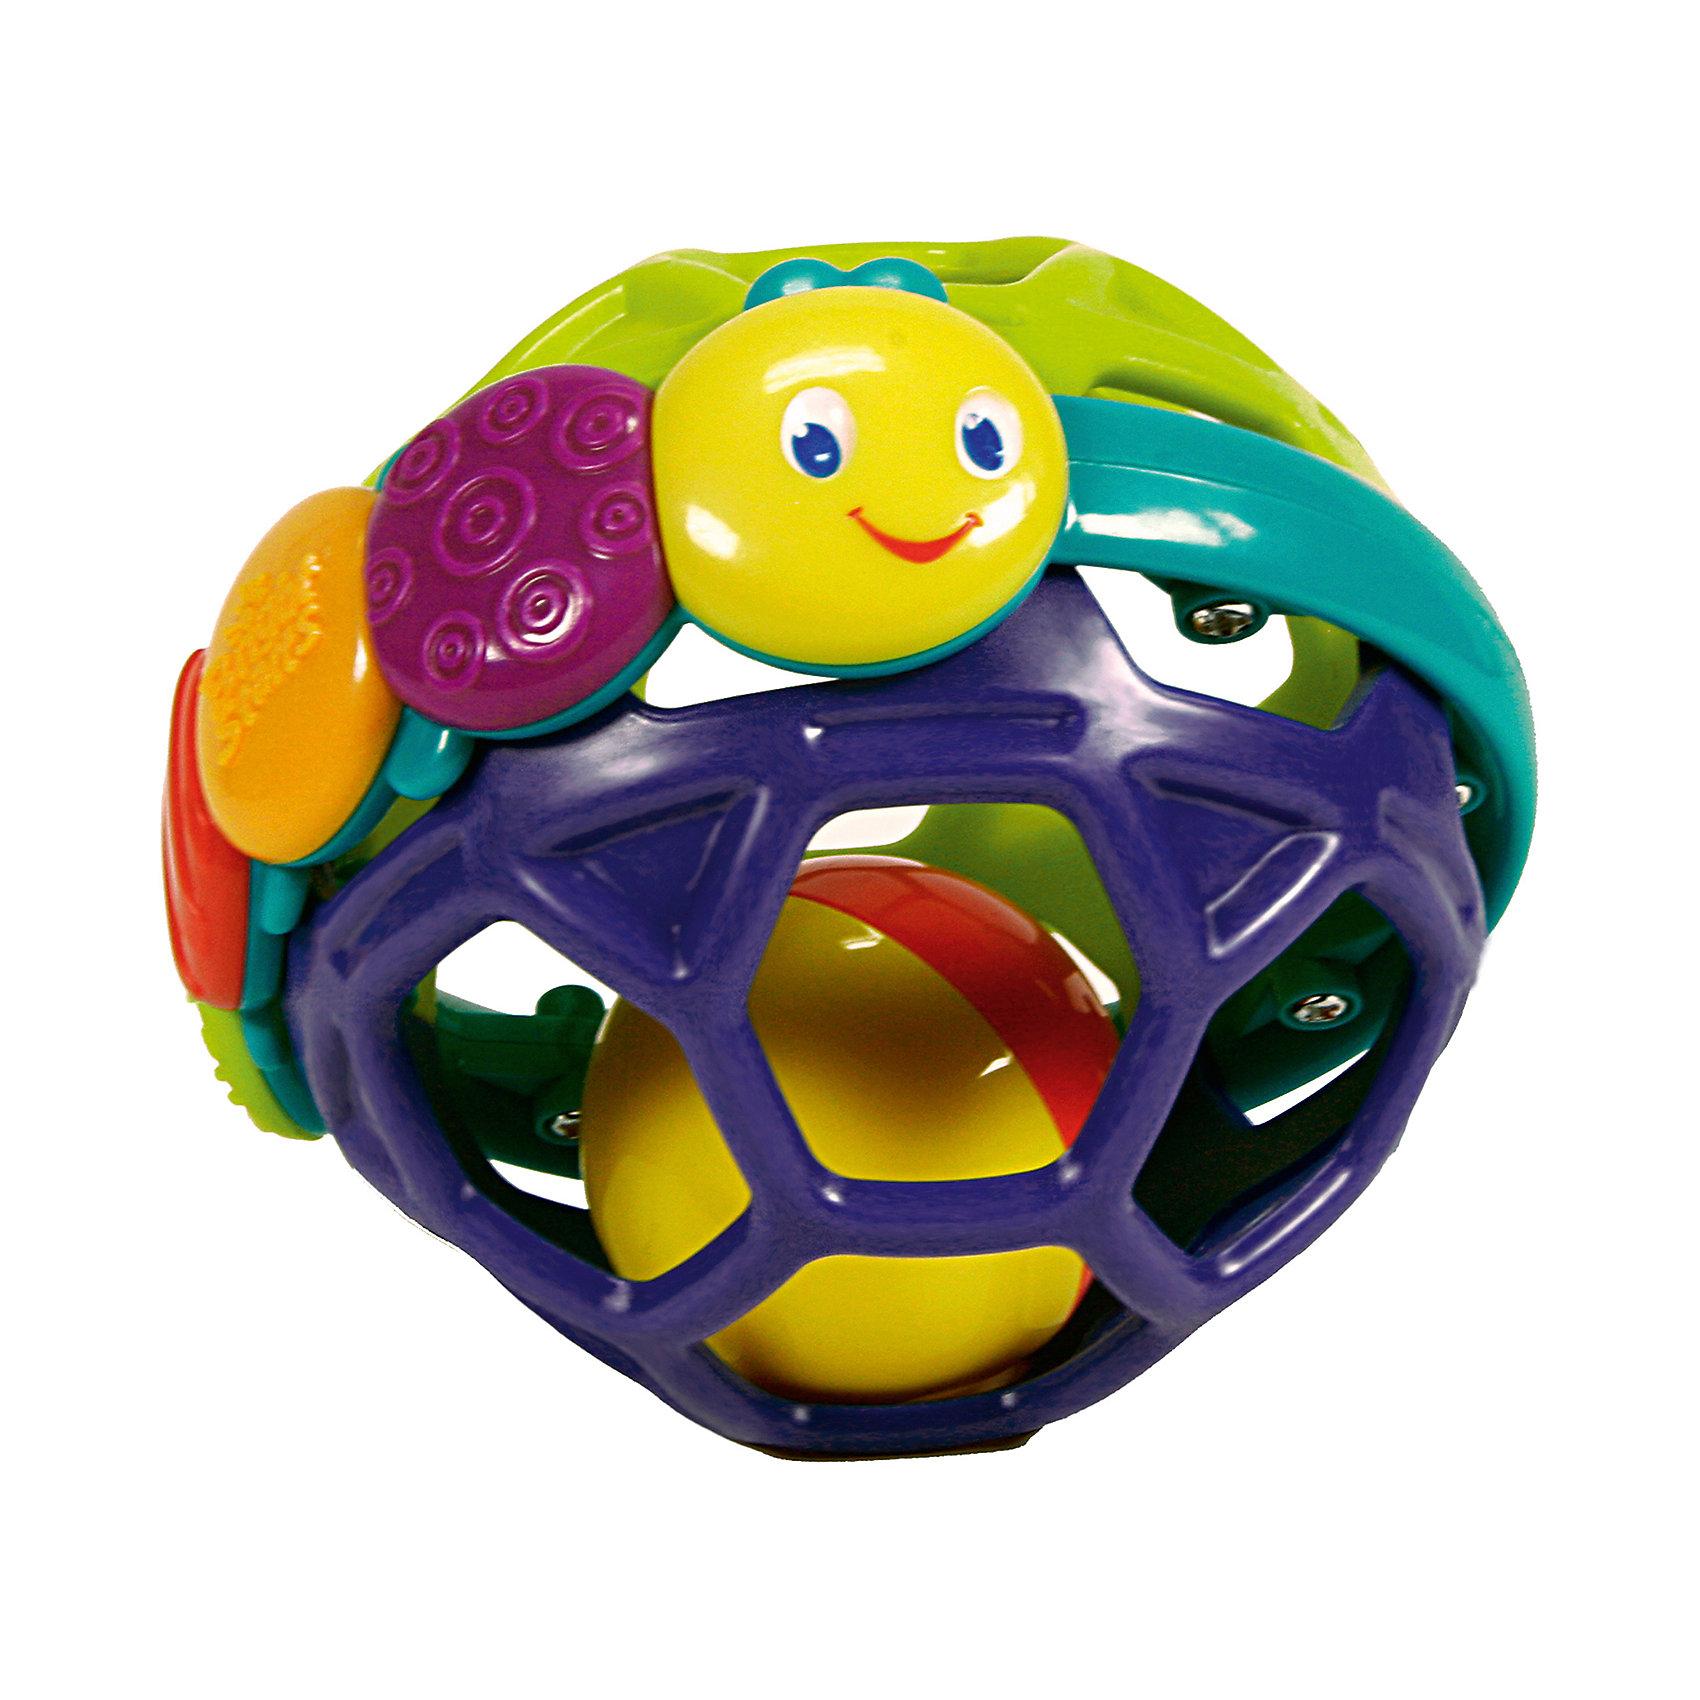 Развивающая игрушка Гибкий шарик, Bright StartsРазвивающие игрушки<br>Яркий разноцветный шарик, который легко хватать и катать!<br><br>Особенности<br><br>Шарик создан из мягкого и гибкого пластика, чтобы малыш мог сгибать и сжимать его<br>Разноцветная гусеница с разными текстурами развивает мелкую моторику<br>Перекатывающийся шарик-погремушка <br><br>Дополнительные характеристики<br><br>Размеры товара: 11 * 11 * 11 см<br>Размеры коробки: 14 * 11 * 19 см<br><br>Ширина мм: 143<br>Глубина мм: 107<br>Высота мм: 191<br>Вес г: 136<br>Возраст от месяцев: 3<br>Возраст до месяцев: 36<br>Пол: Унисекс<br>Возраст: Детский<br>SKU: 2225532